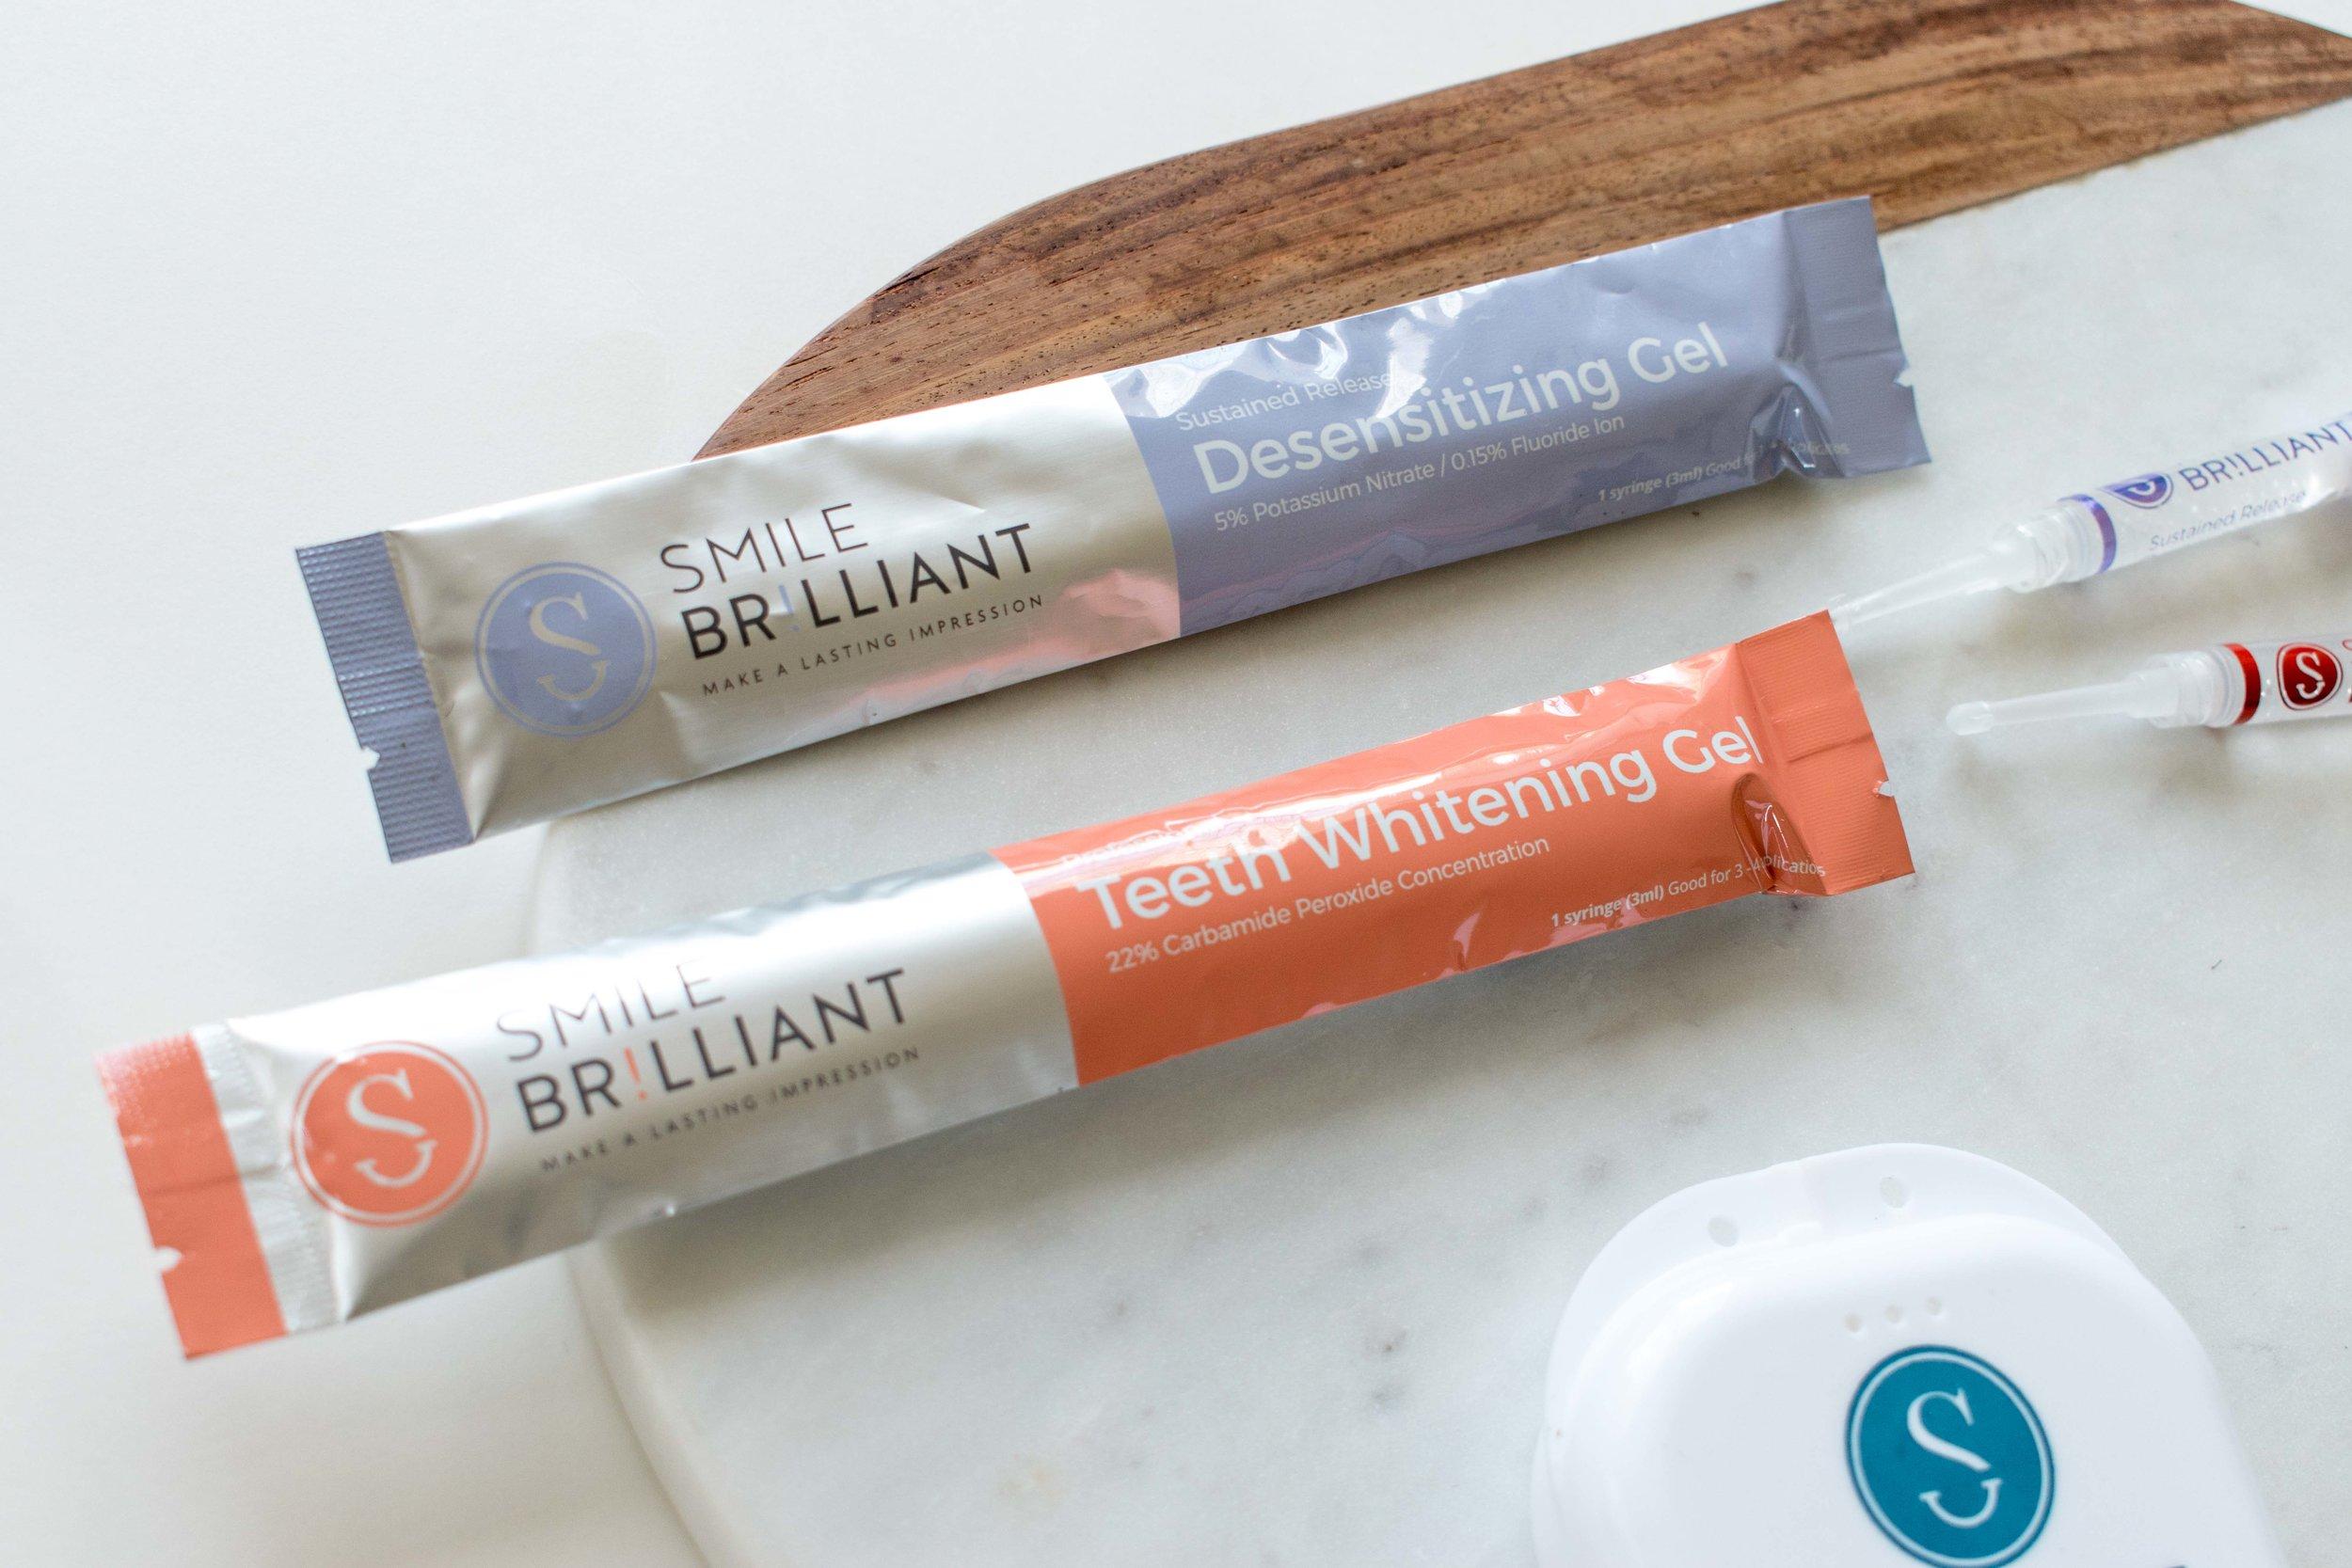 smilebrilliant teeth whitening kit review.JPG